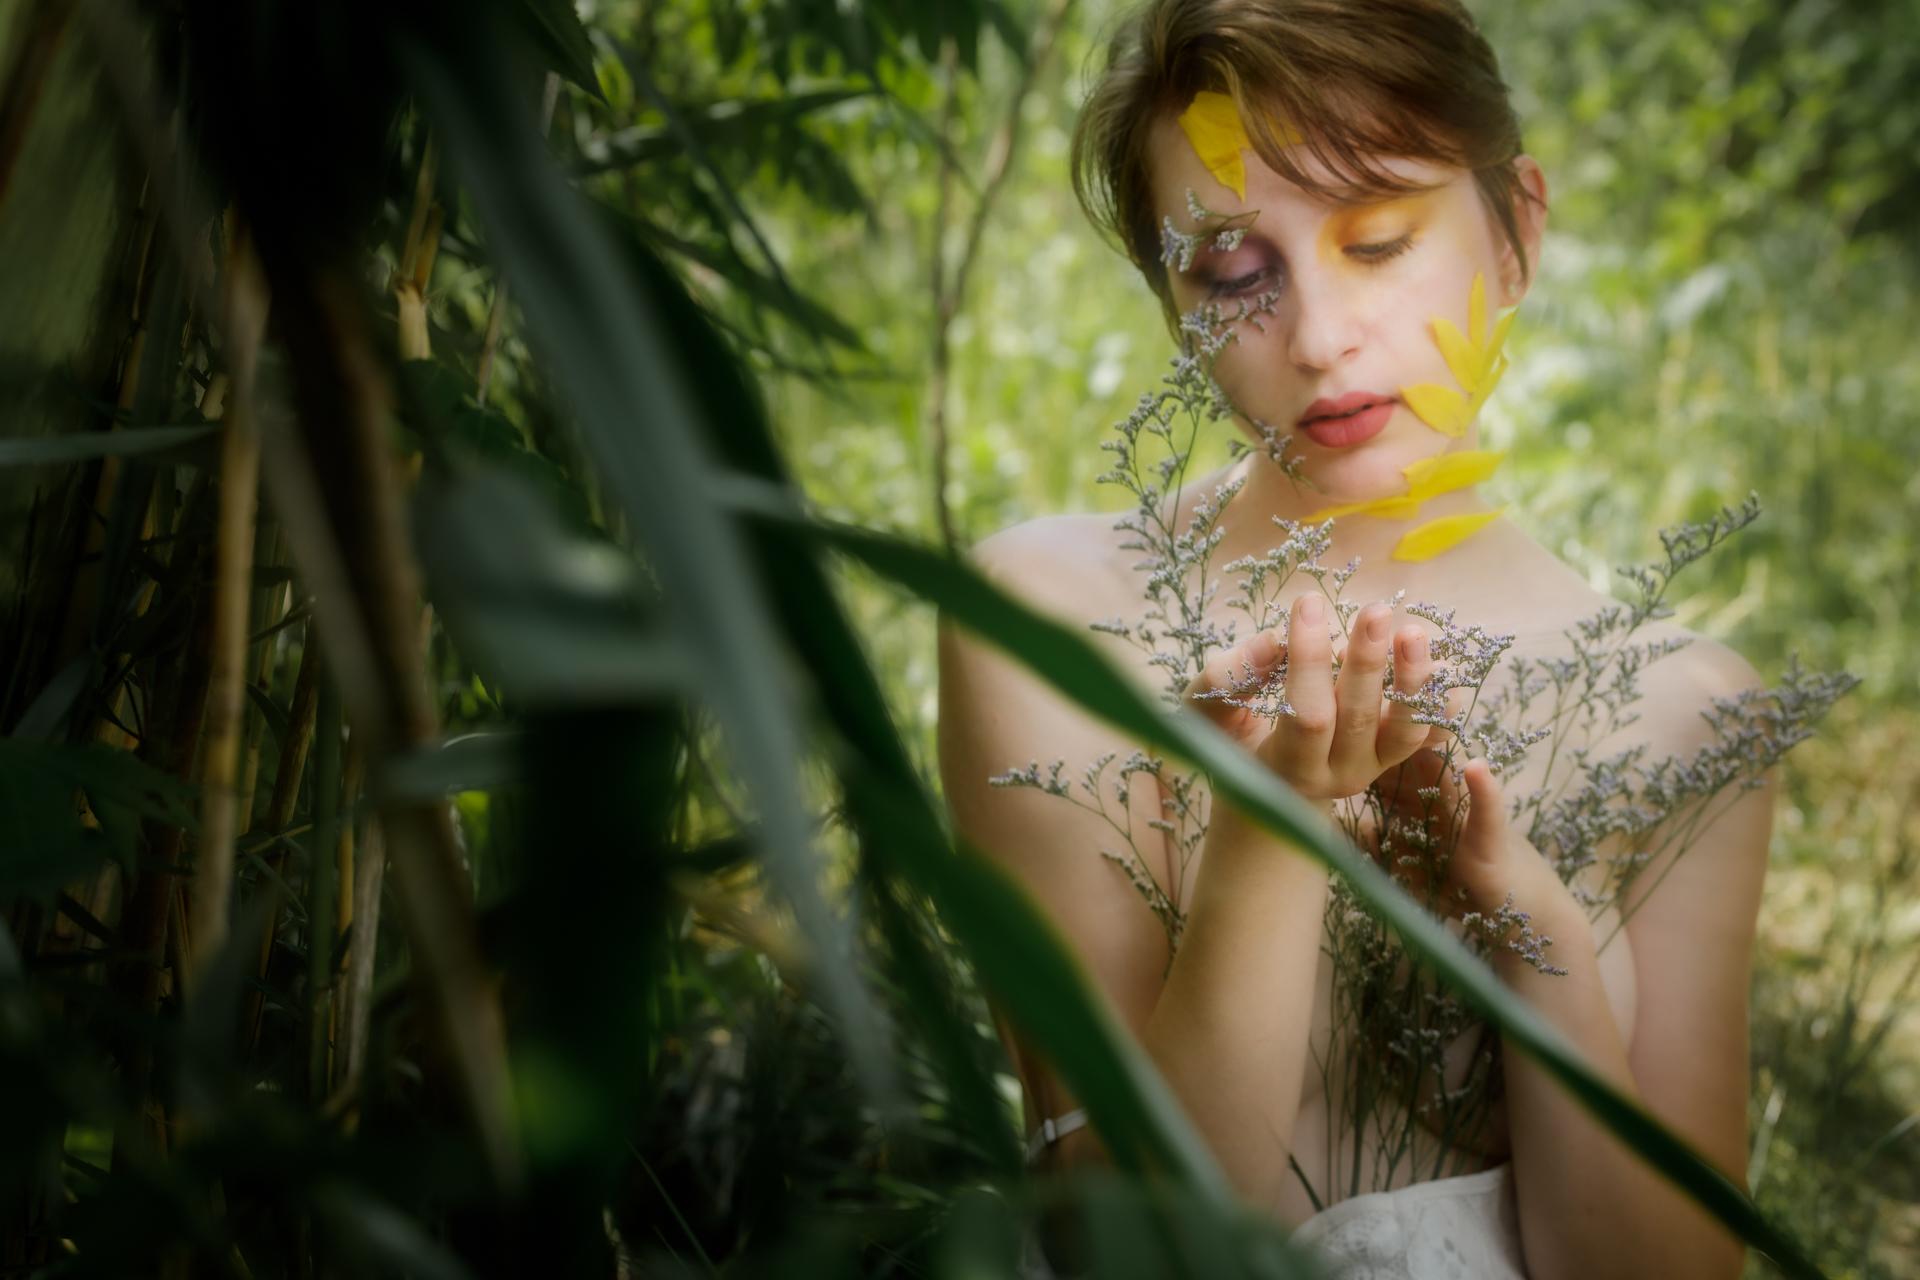 CFrenette-Gabrielle et les fleurs-7-9